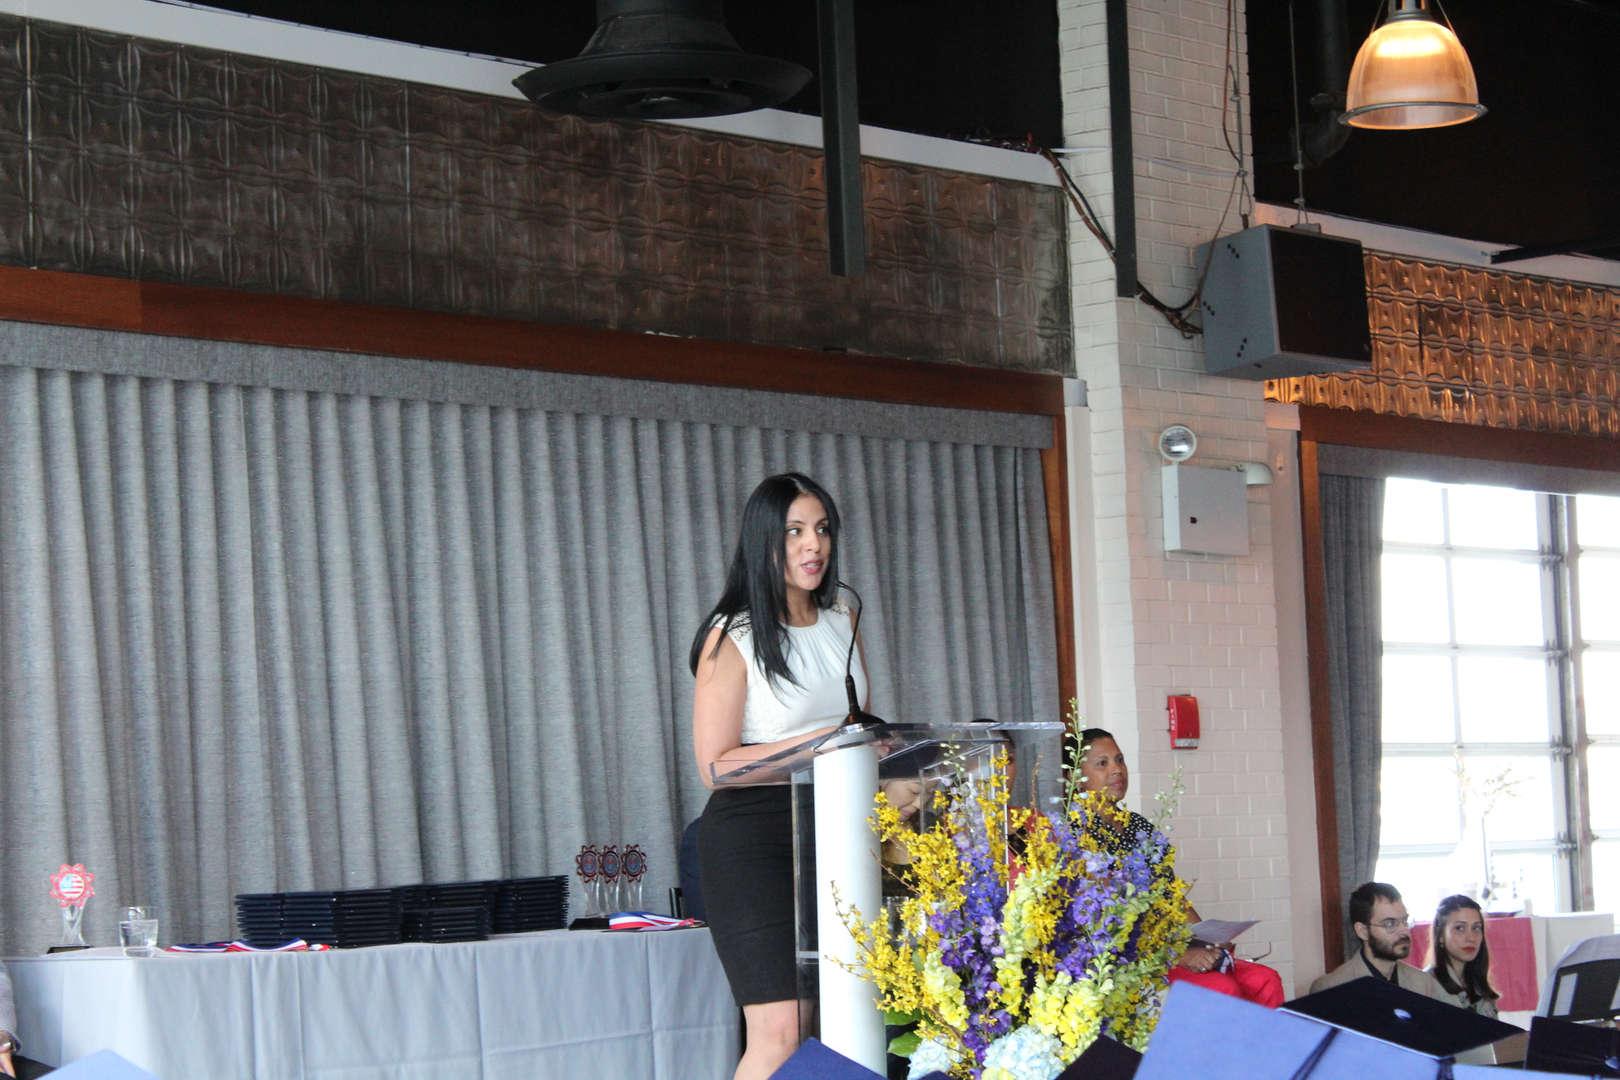 Ms. Sepulveda UFT Graduation